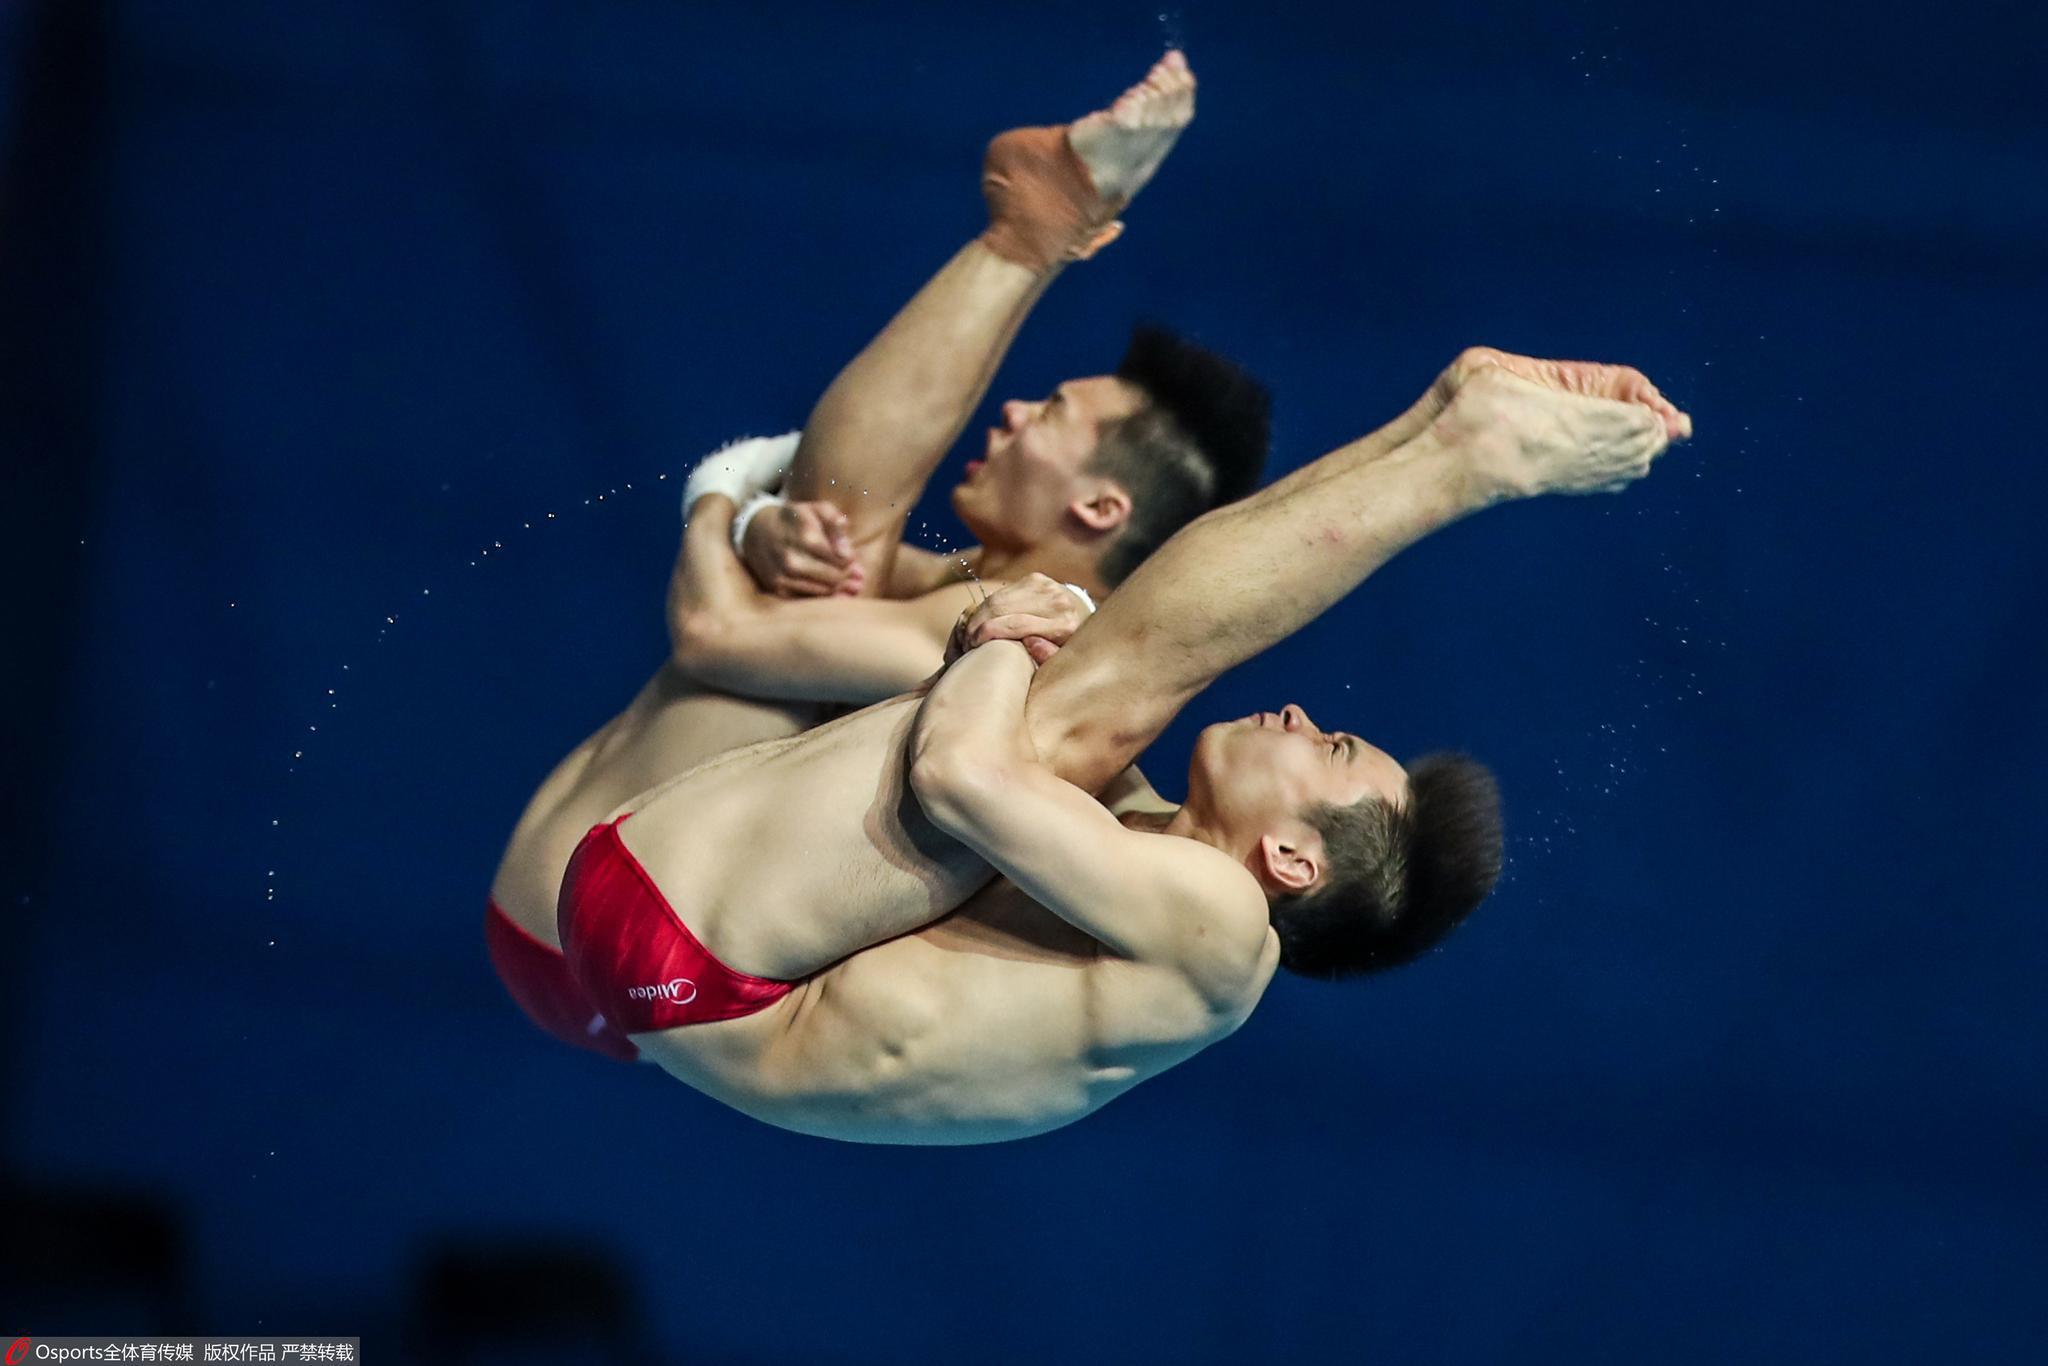 奥运会延期后中国跳水队首次大检阅,双人项目成绩不理想图片